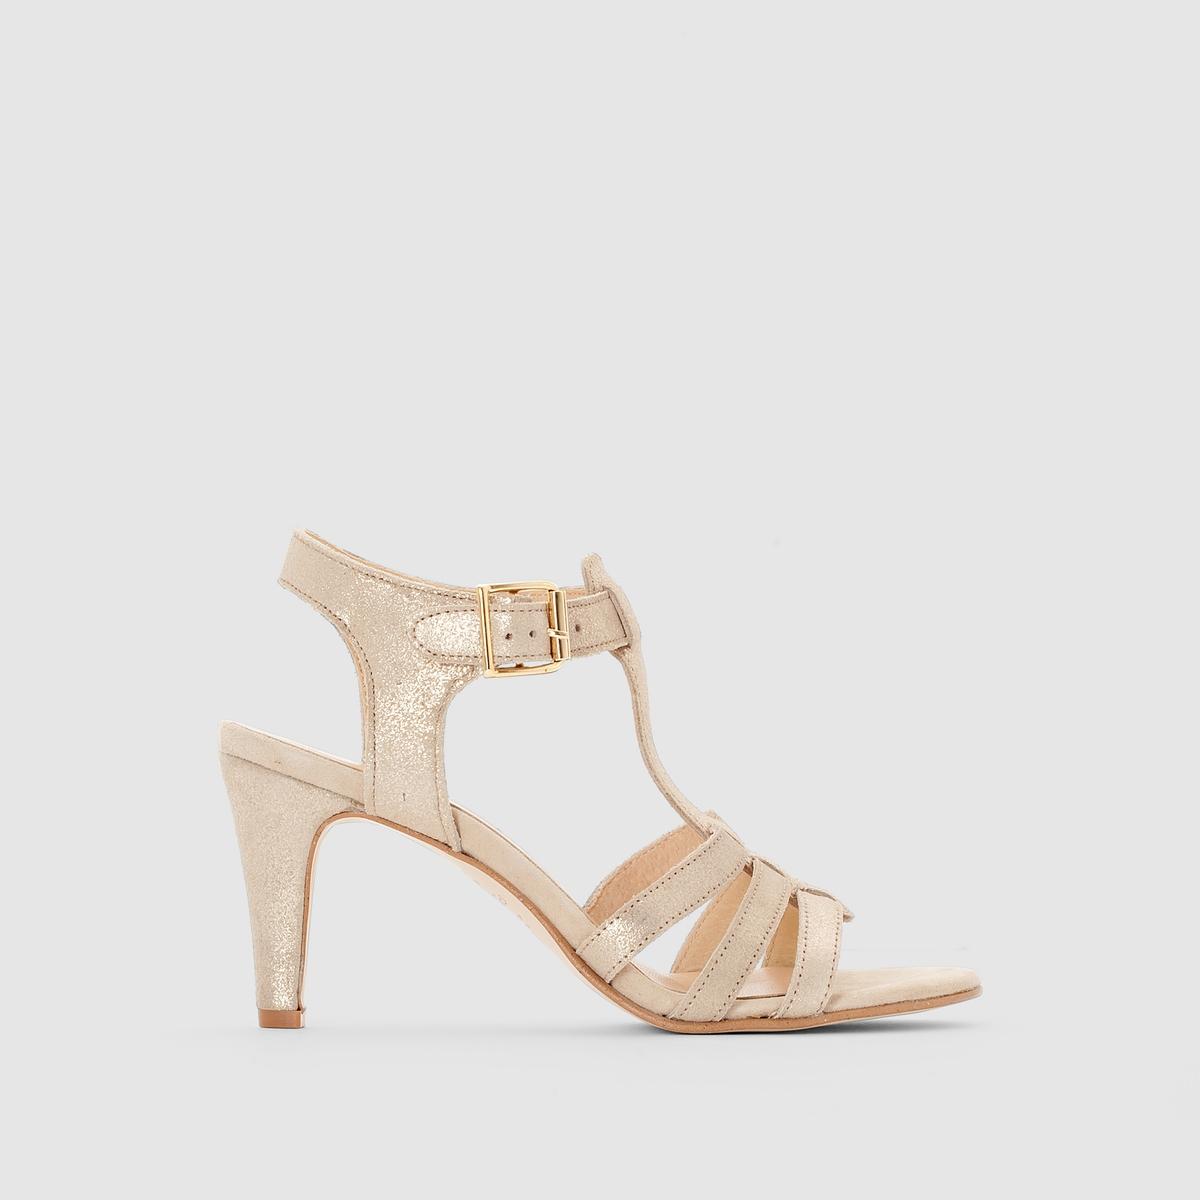 Туфли с ремешком вокруг щиколоткиПреимущества  : очень элегантные туфли JONAK с ремешком вокруг щиколотки, потрясающий оригинальный стиль нео-ретро.<br><br>Цвет: Платиновый<br>Размер: 36